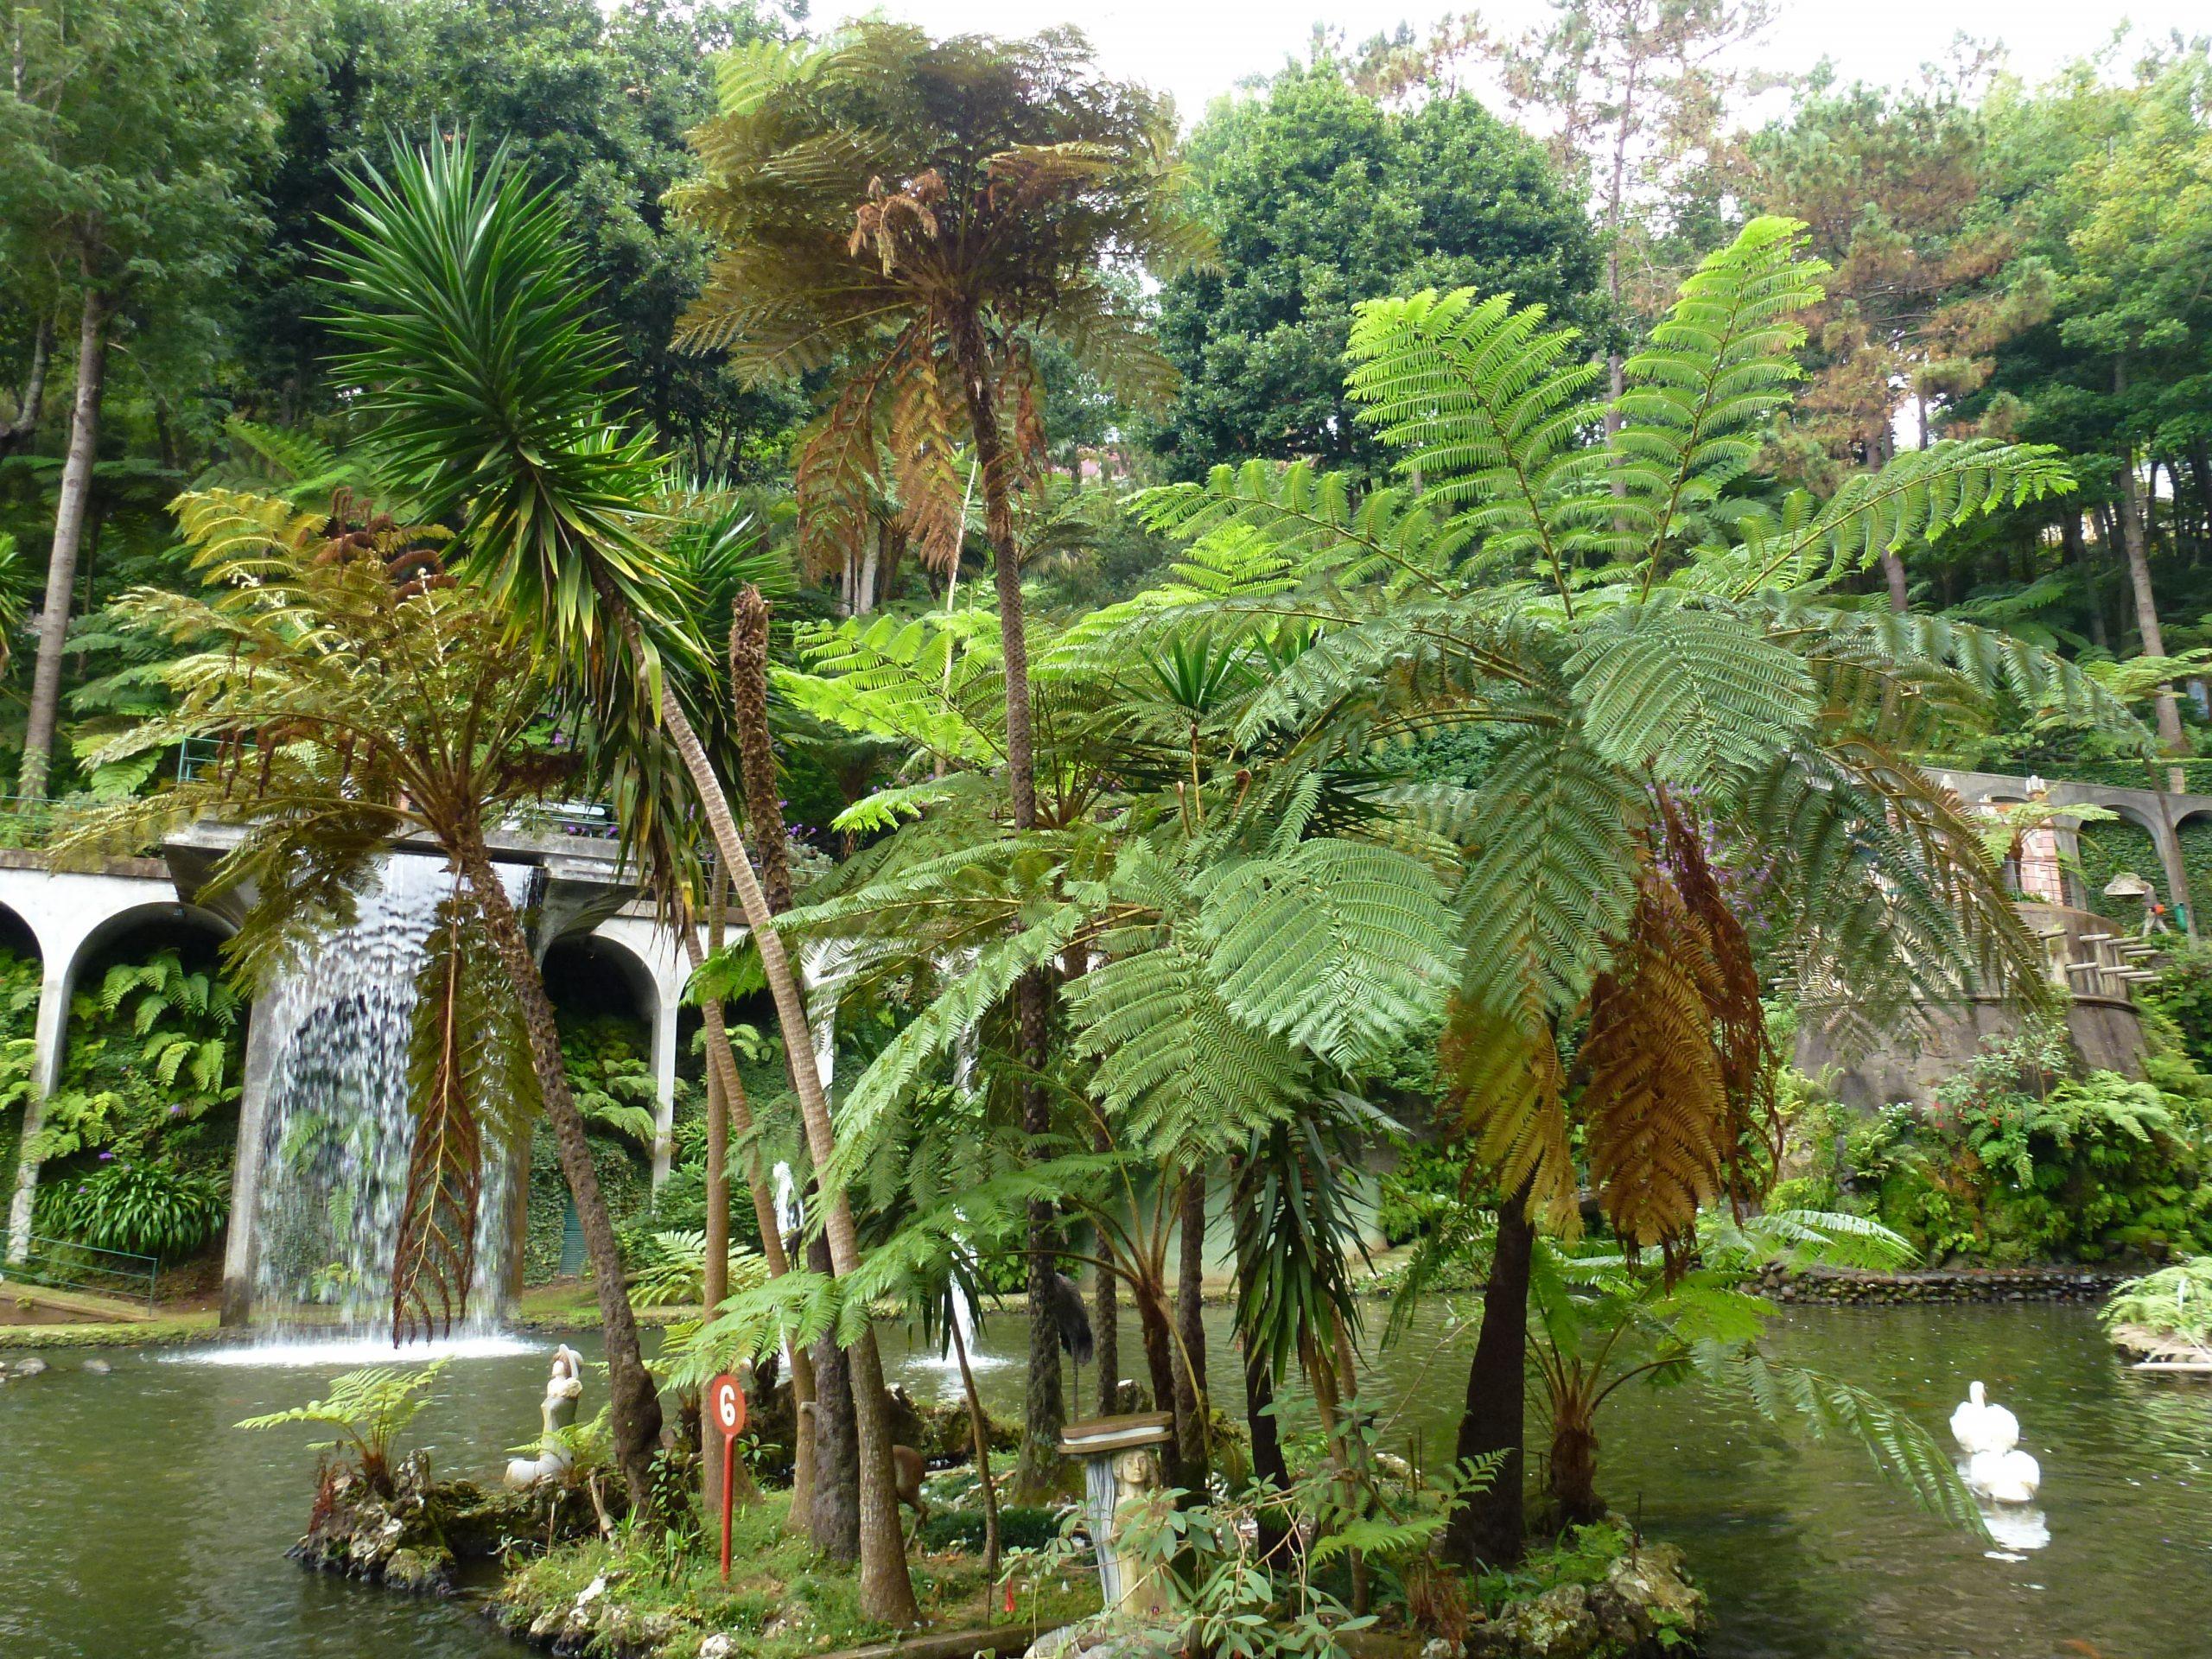 Jardín tropical con estanque